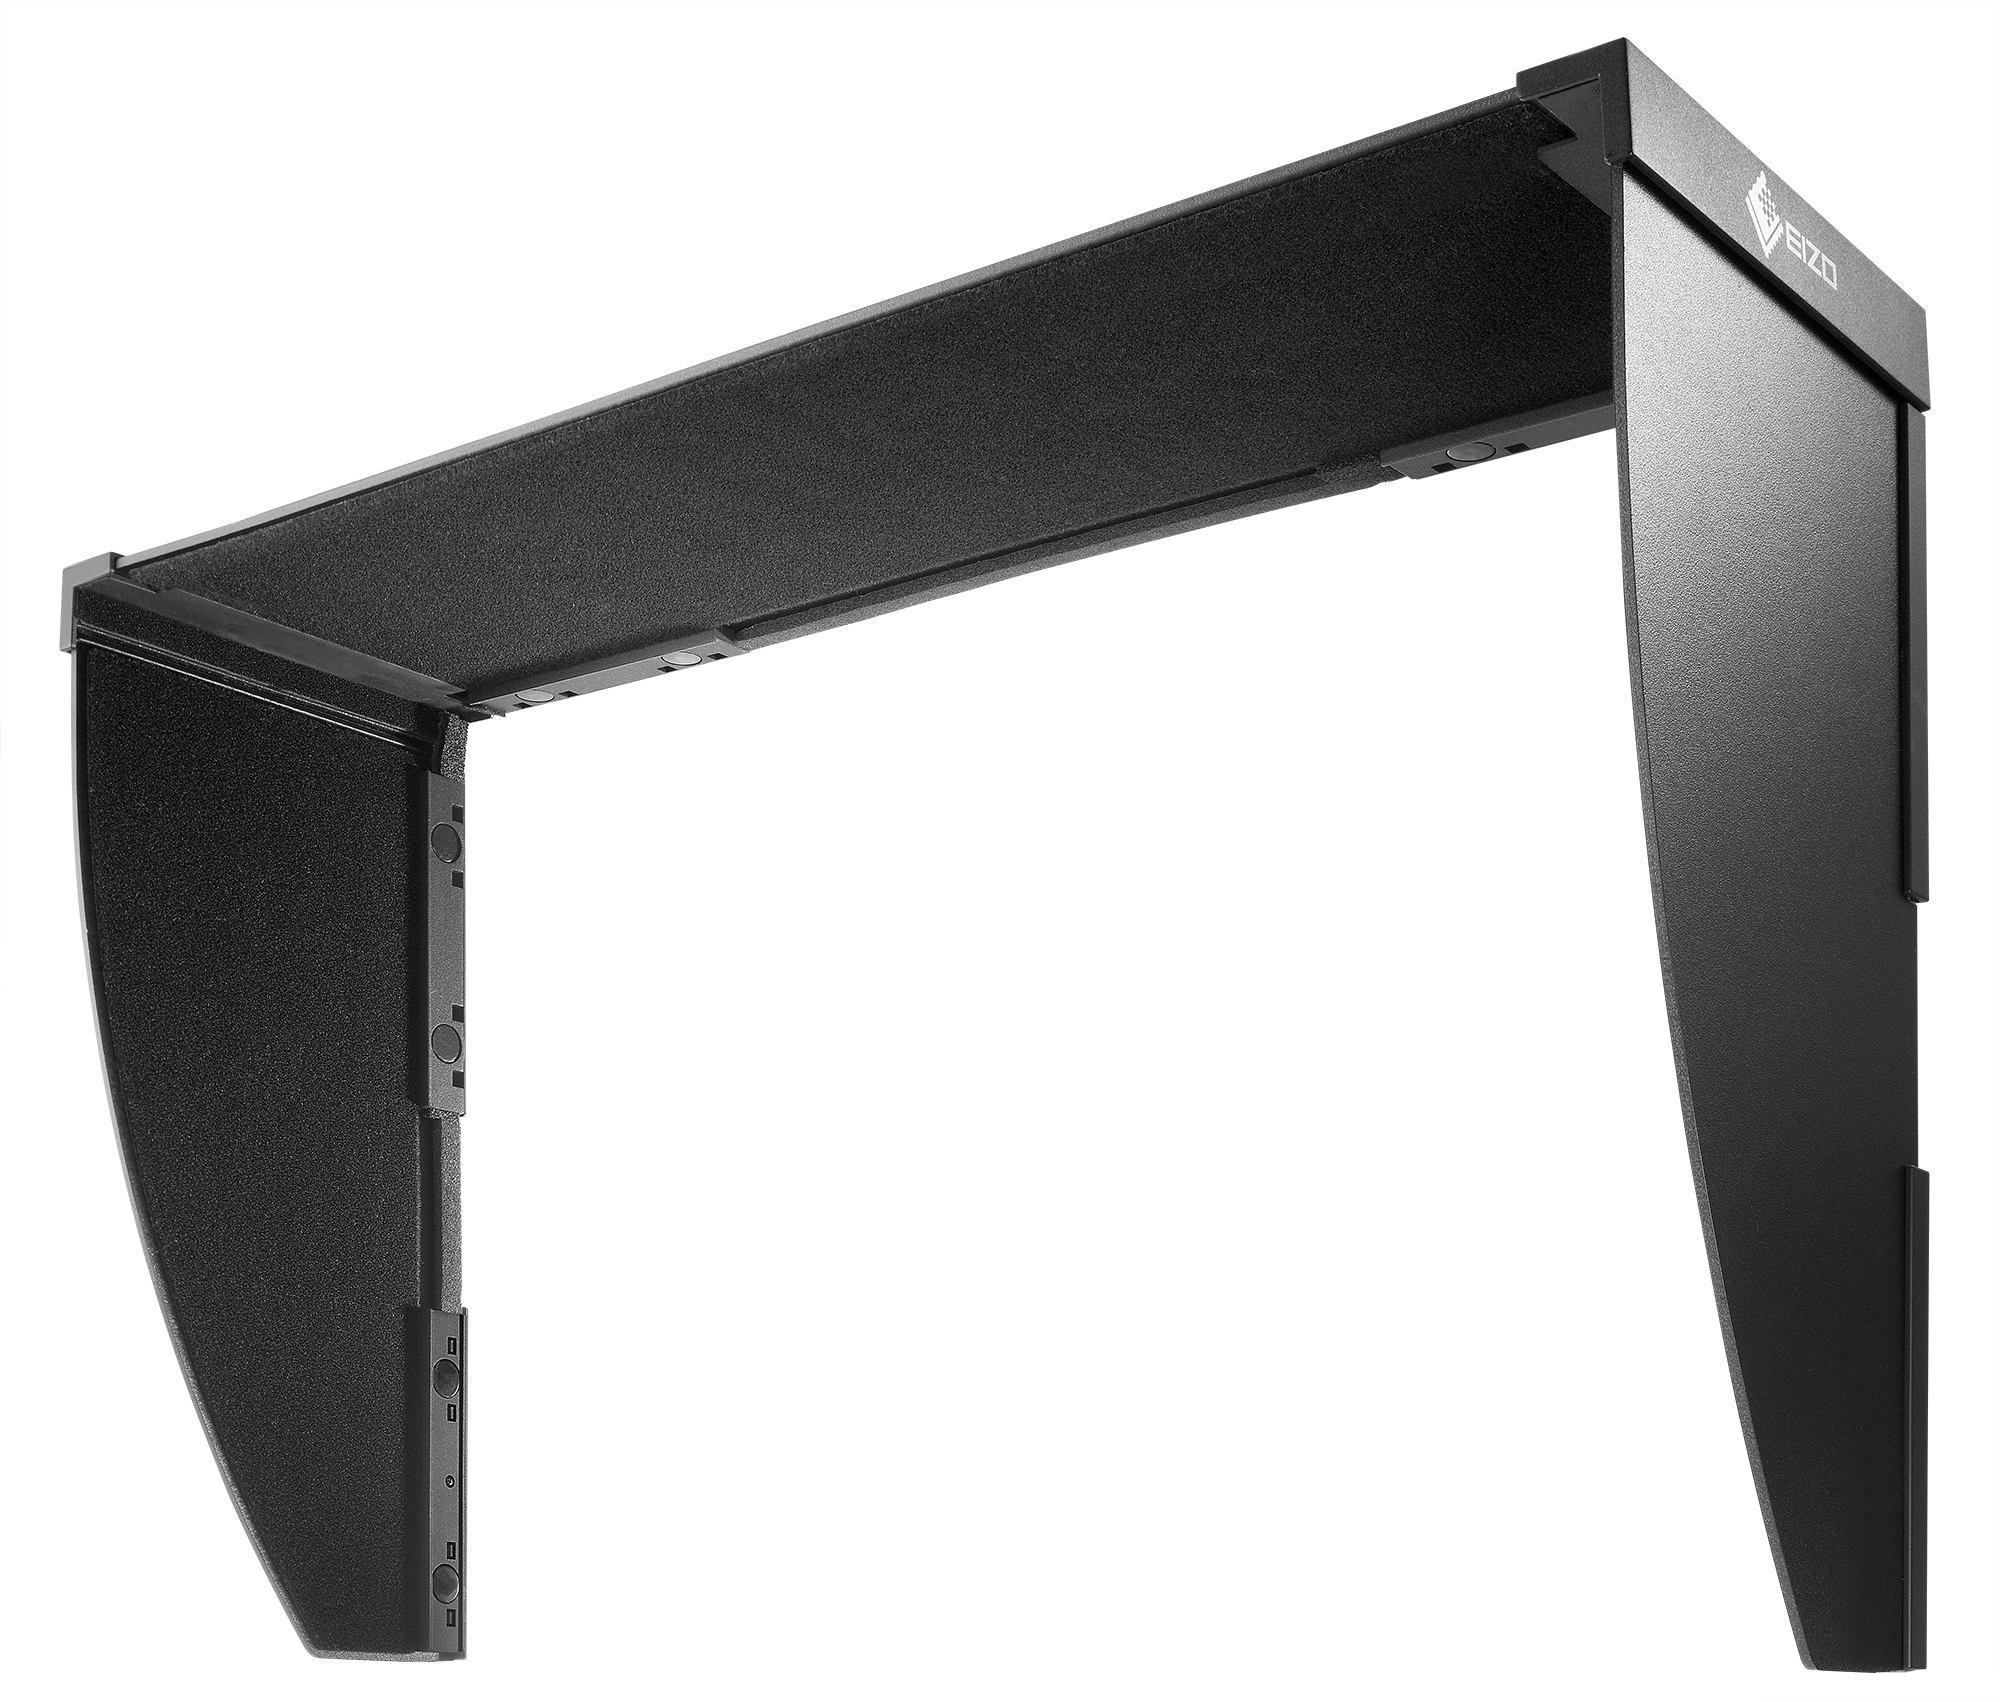 2022026-Eizo-CH2700-accessorio-per-monitor-TV-CH2700-LIGHT-SHIELD-Lichtschutz